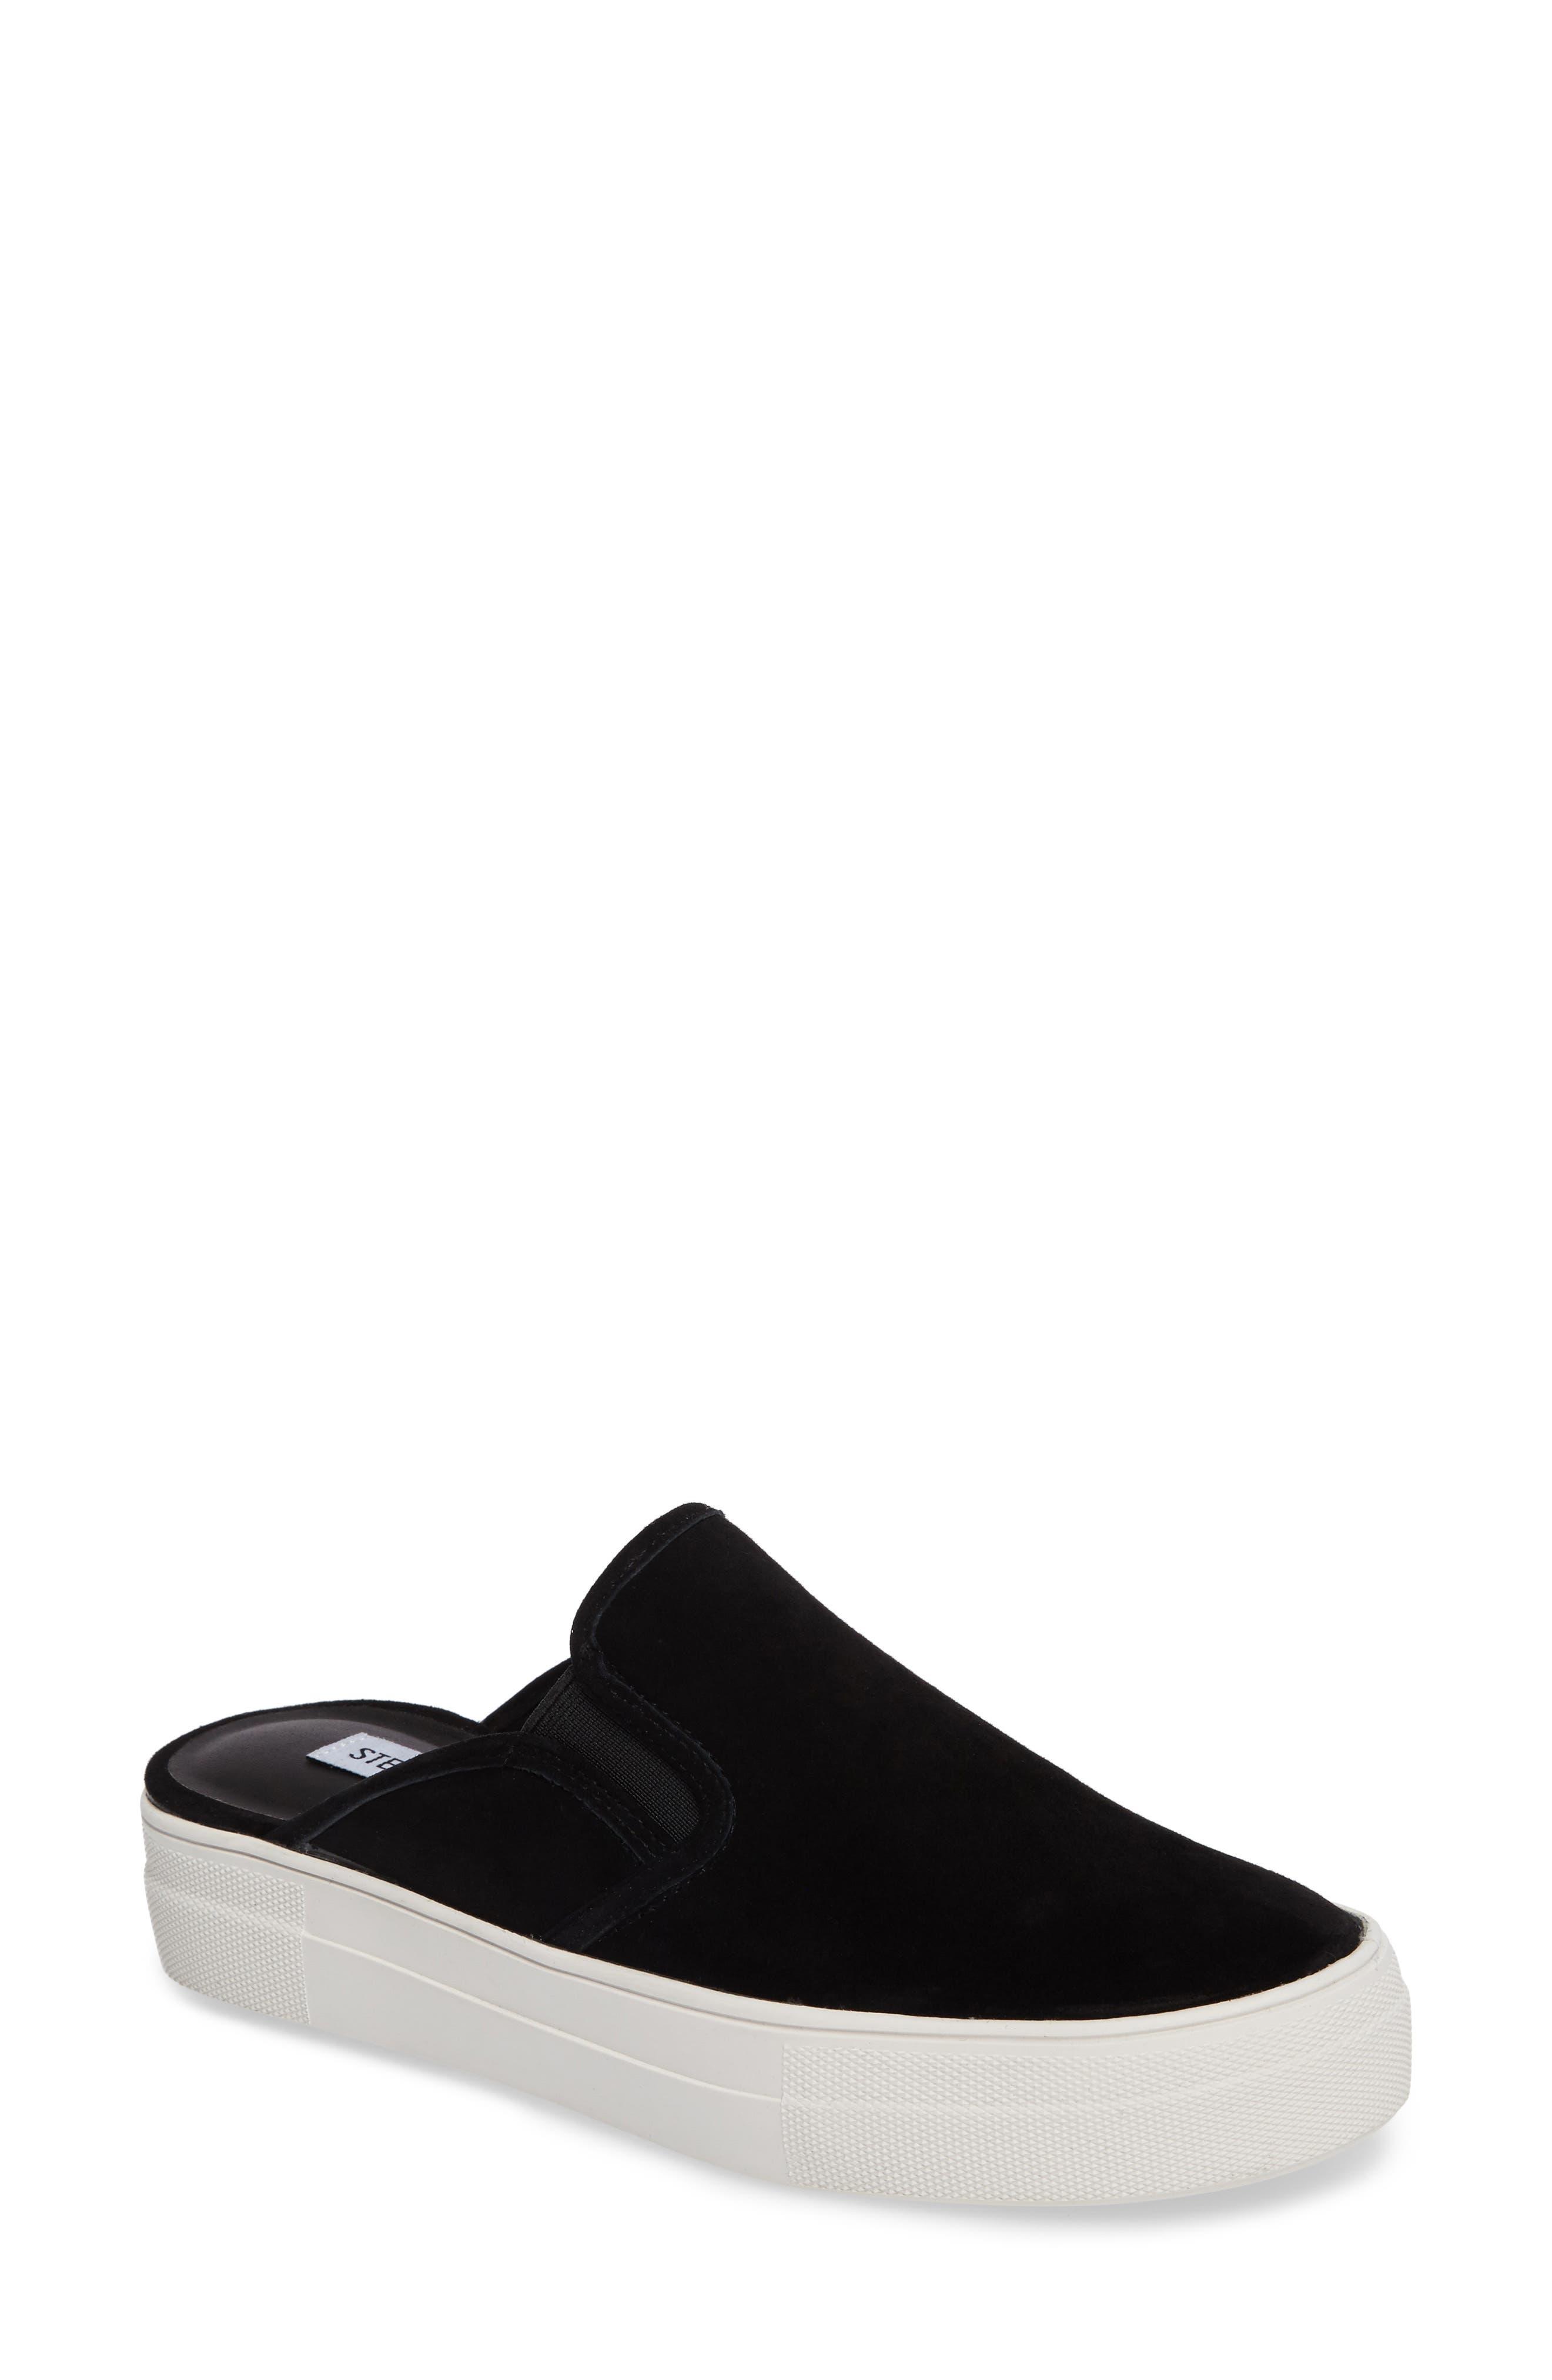 Glenda Sneaker Mule,                             Main thumbnail 1, color,                             006